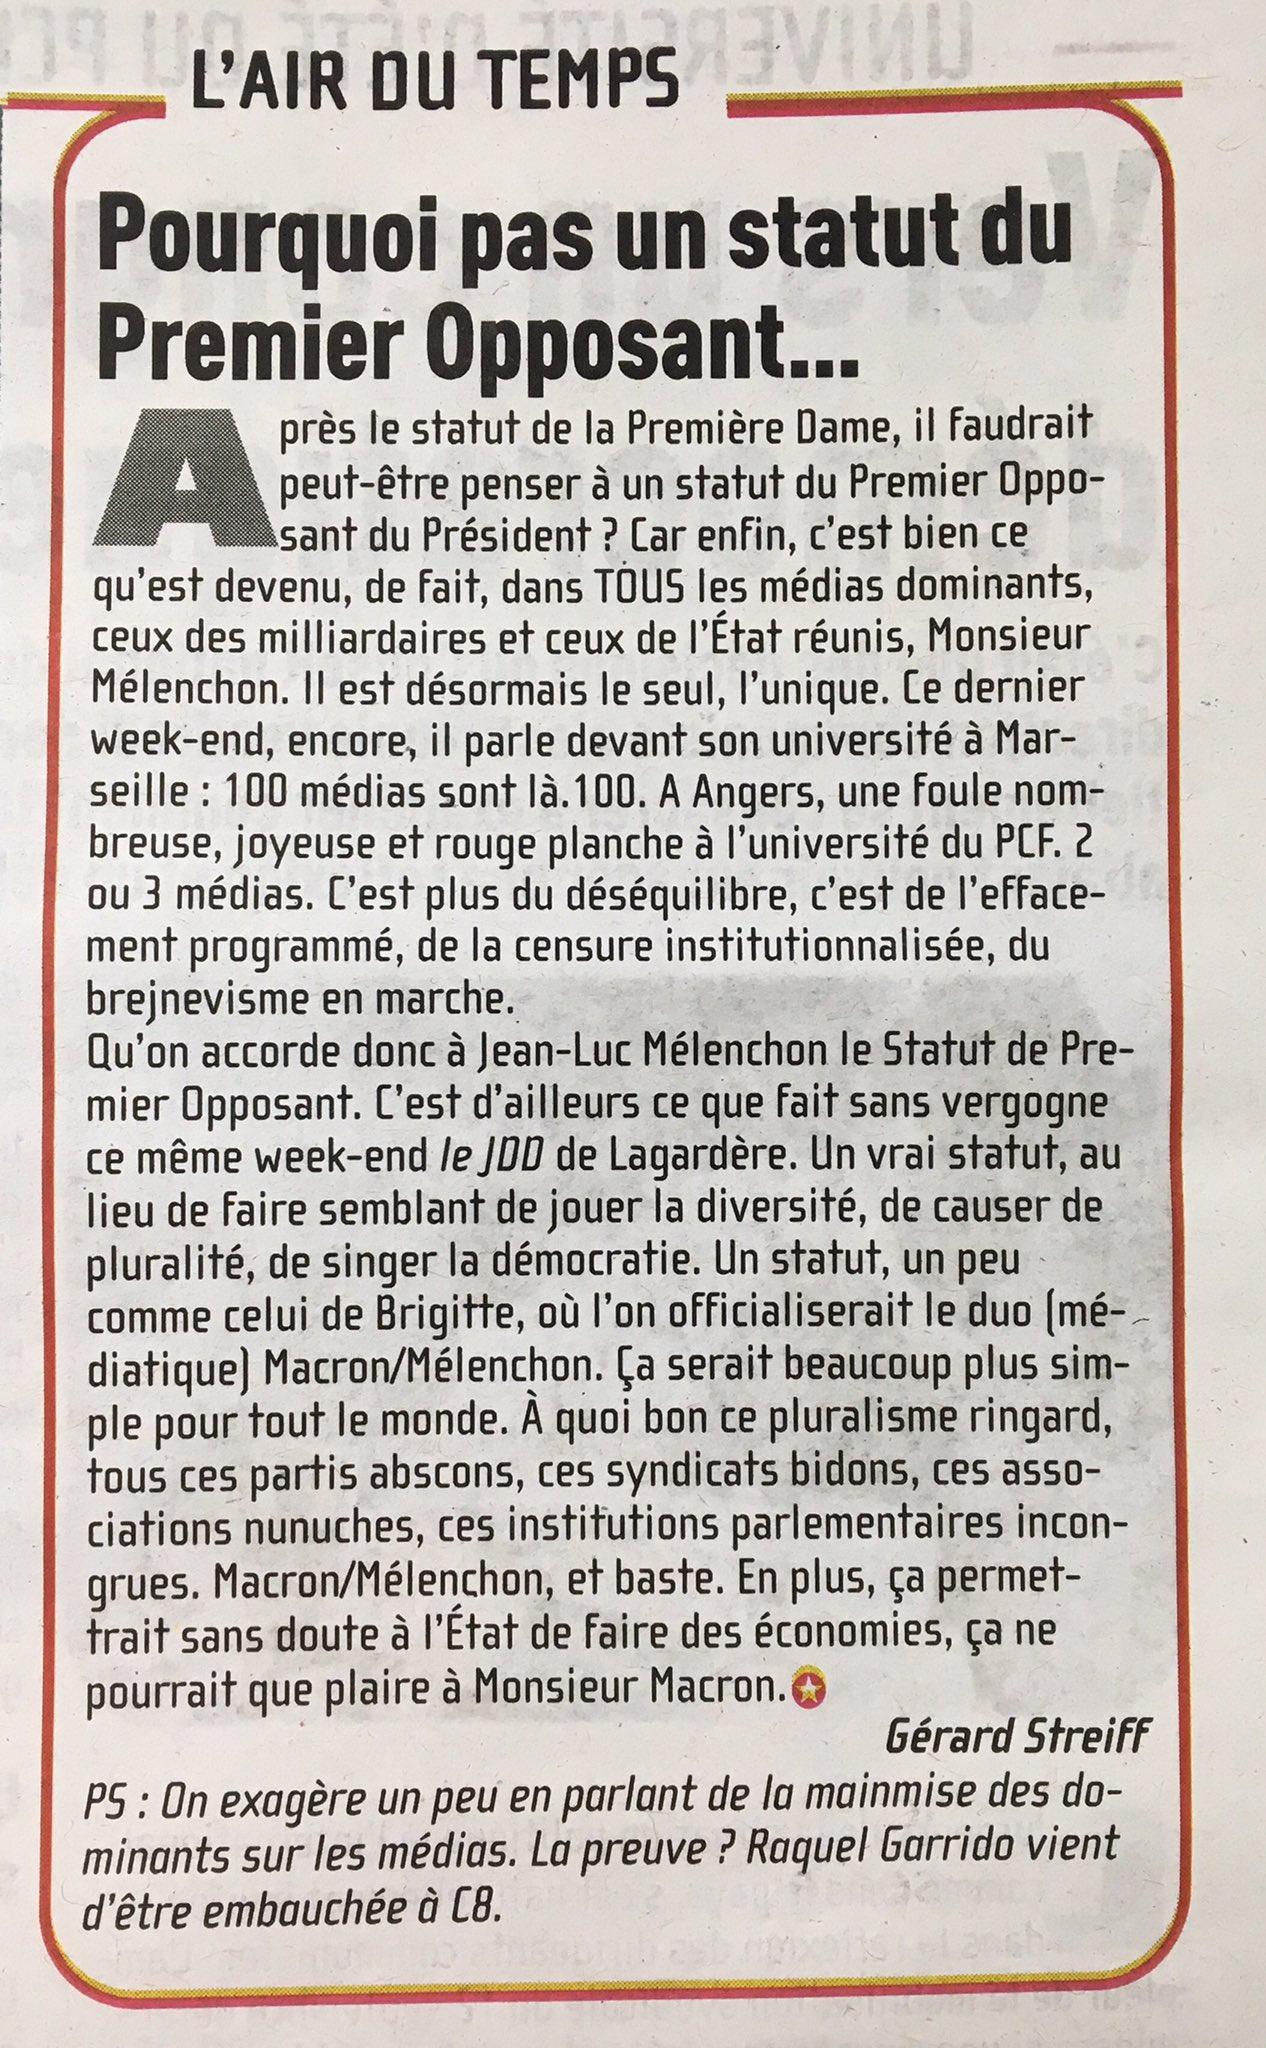 Billet anti-Melenchon dans Communistes, supplément hebdo édité par le @PCF et encarté dans L'Humanité. #Ambiance https://t.co/PVzrnjkBQ6